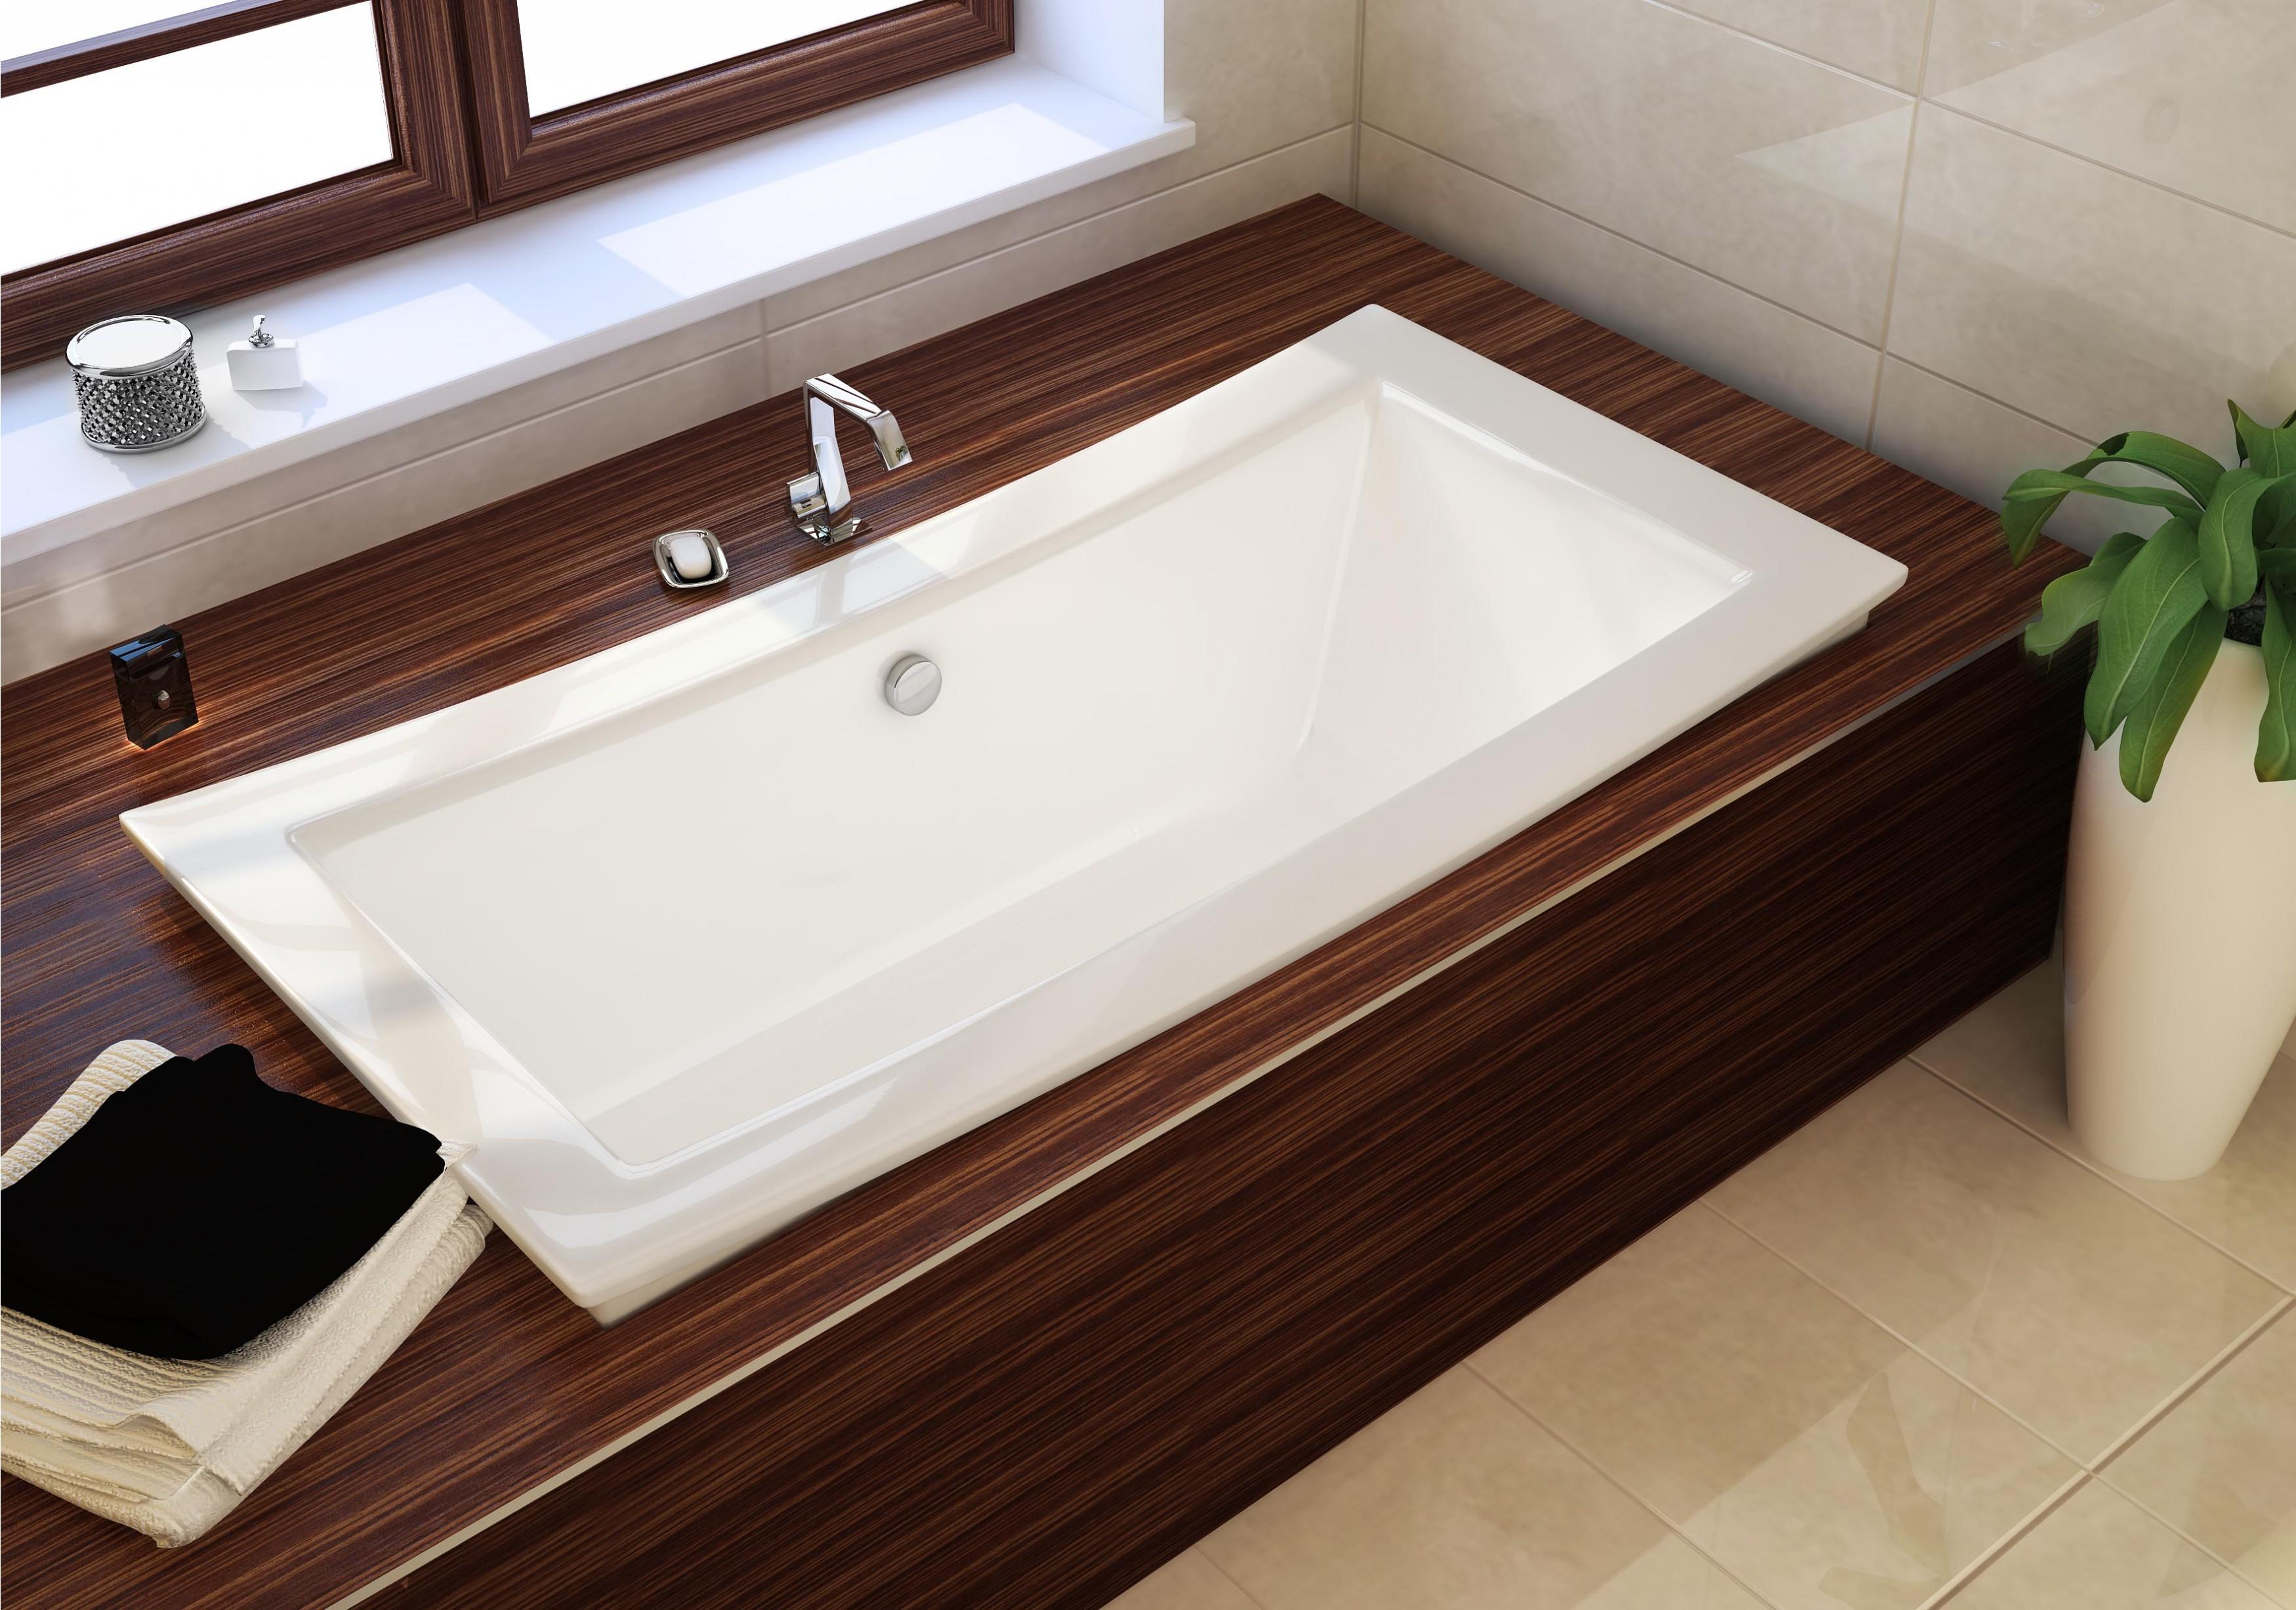 Прямоугольная ванна, встроенная в подиум